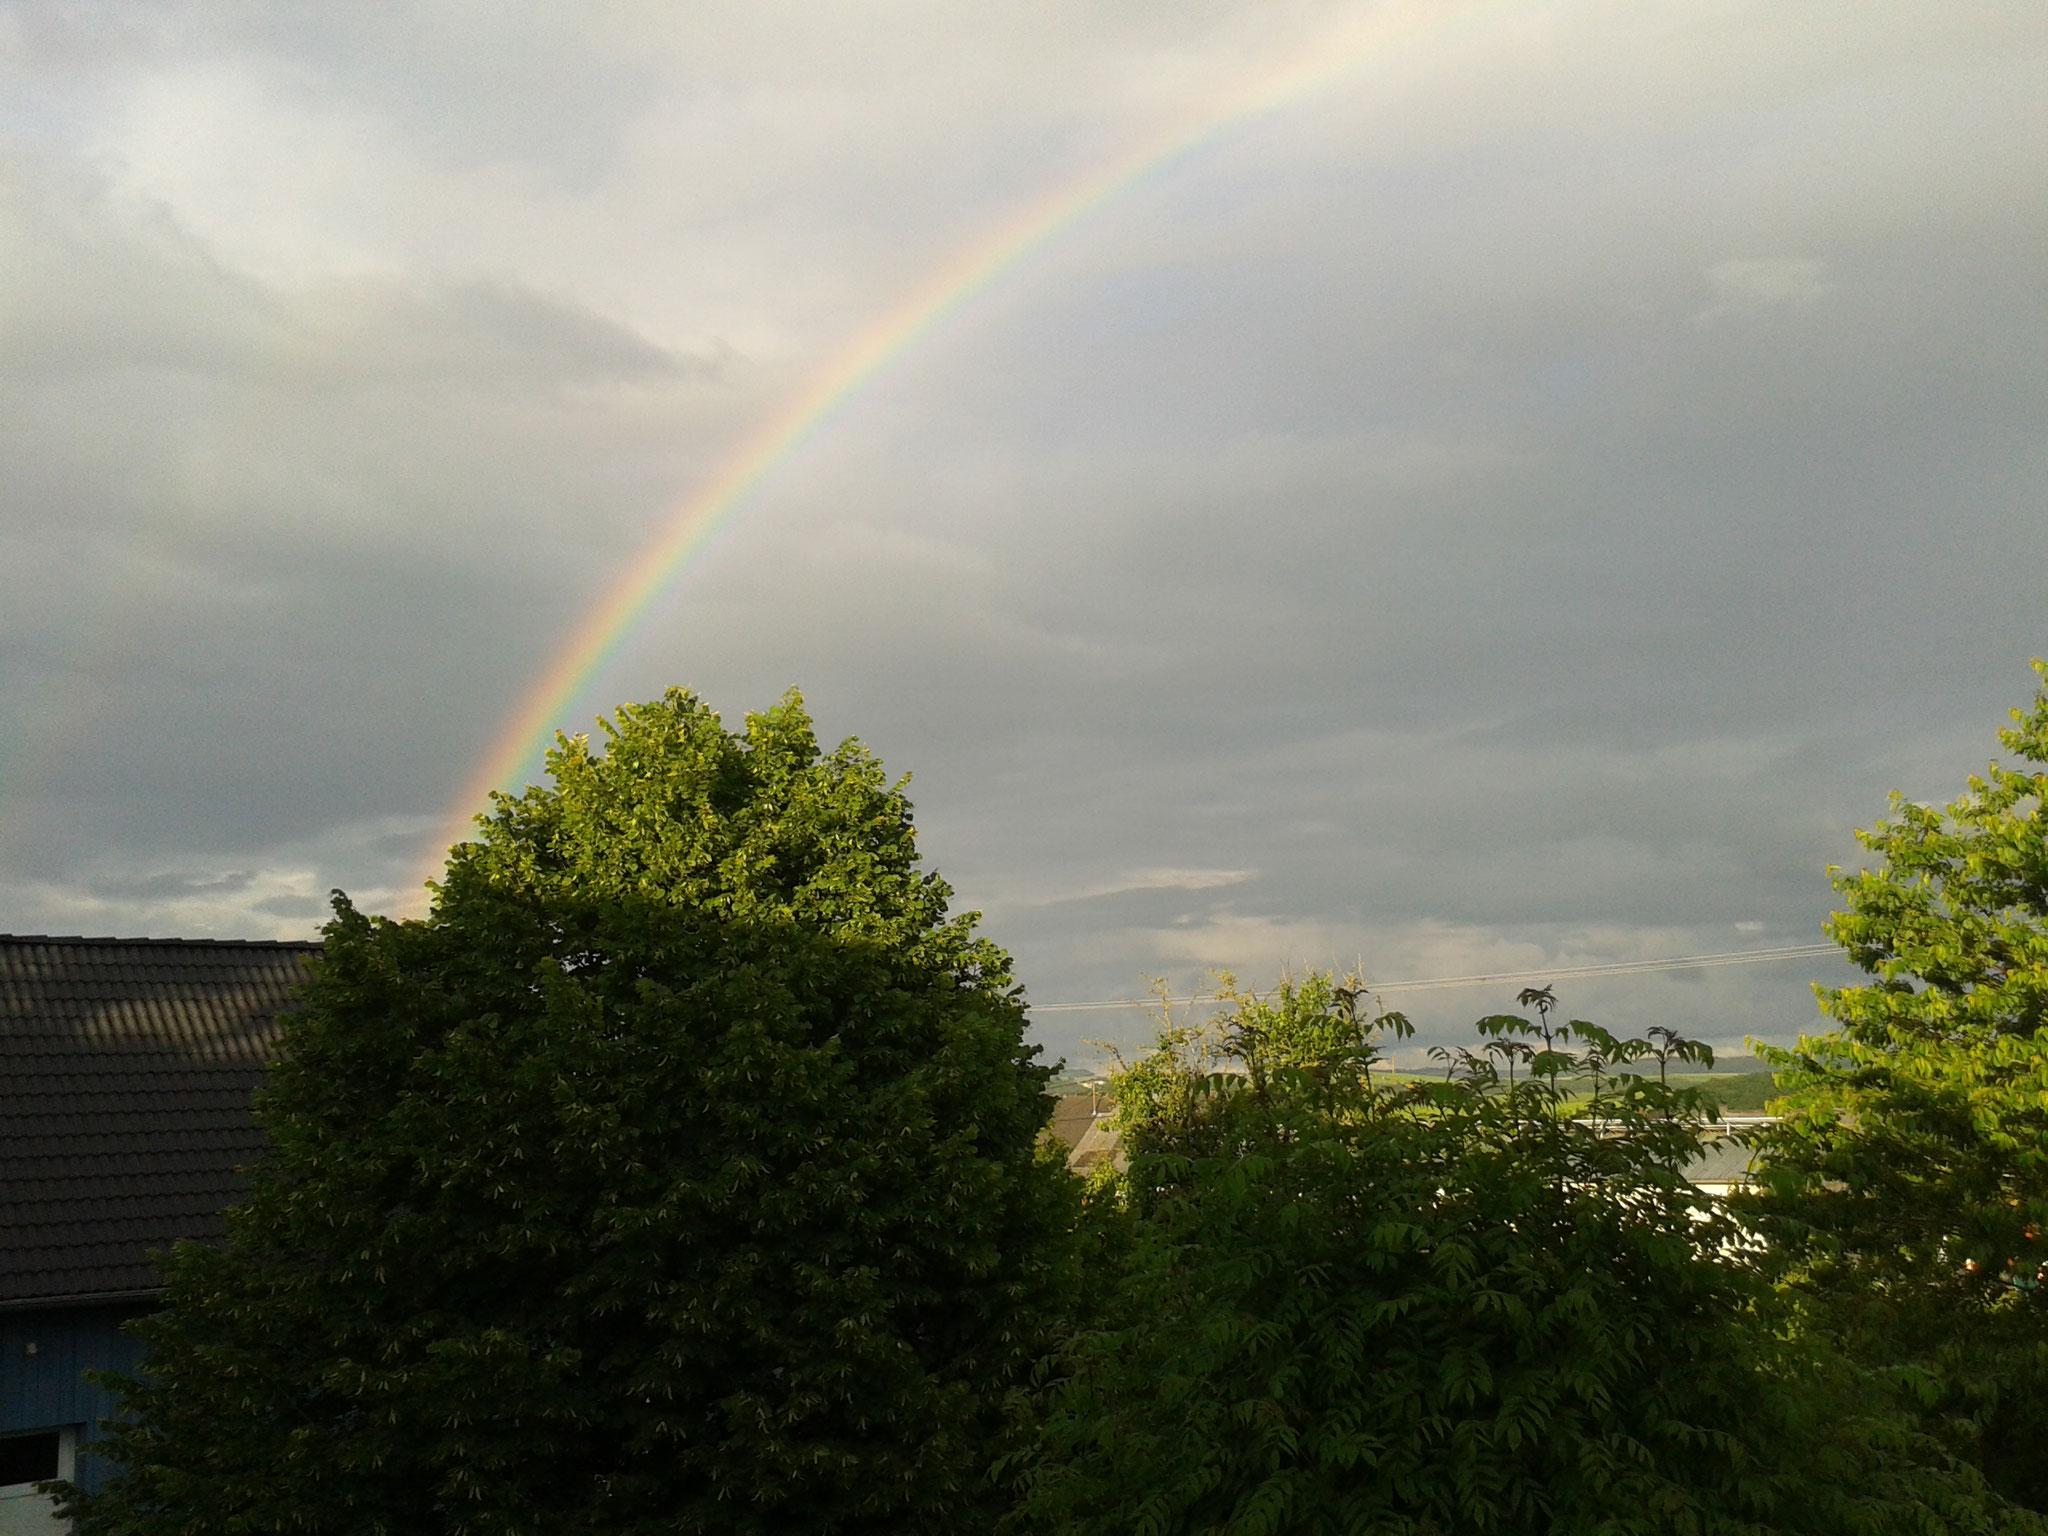 In der klaren Eifelluft kann man kräftige Regenbogen sehen